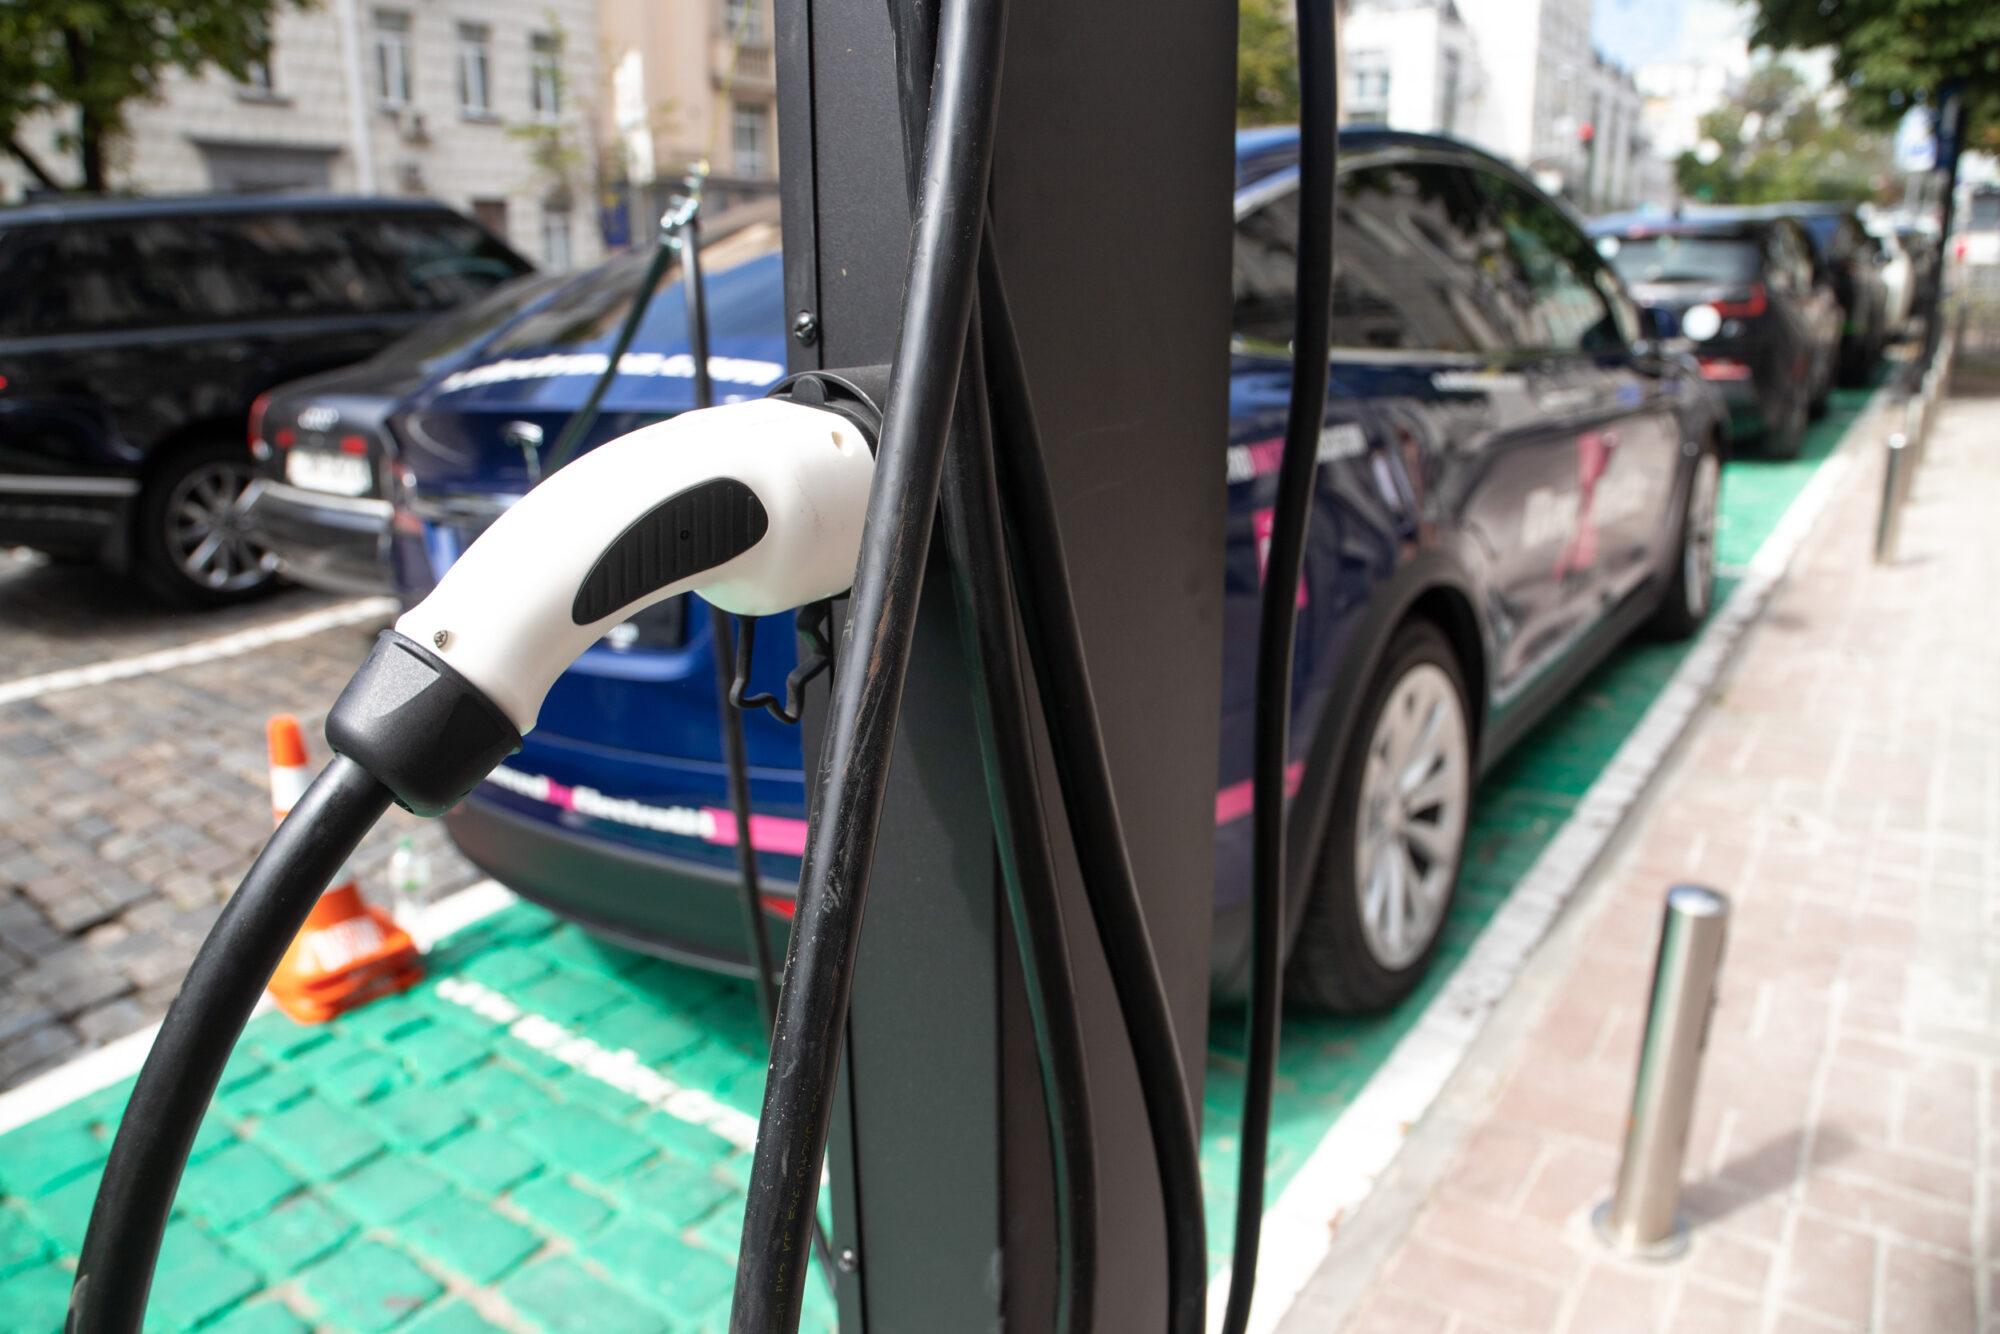 На парковках в центрі Києва встановлюють зарядні станції для електромобілів - Київ, зарядні станції, електромобілі - imgbig 2000x1334